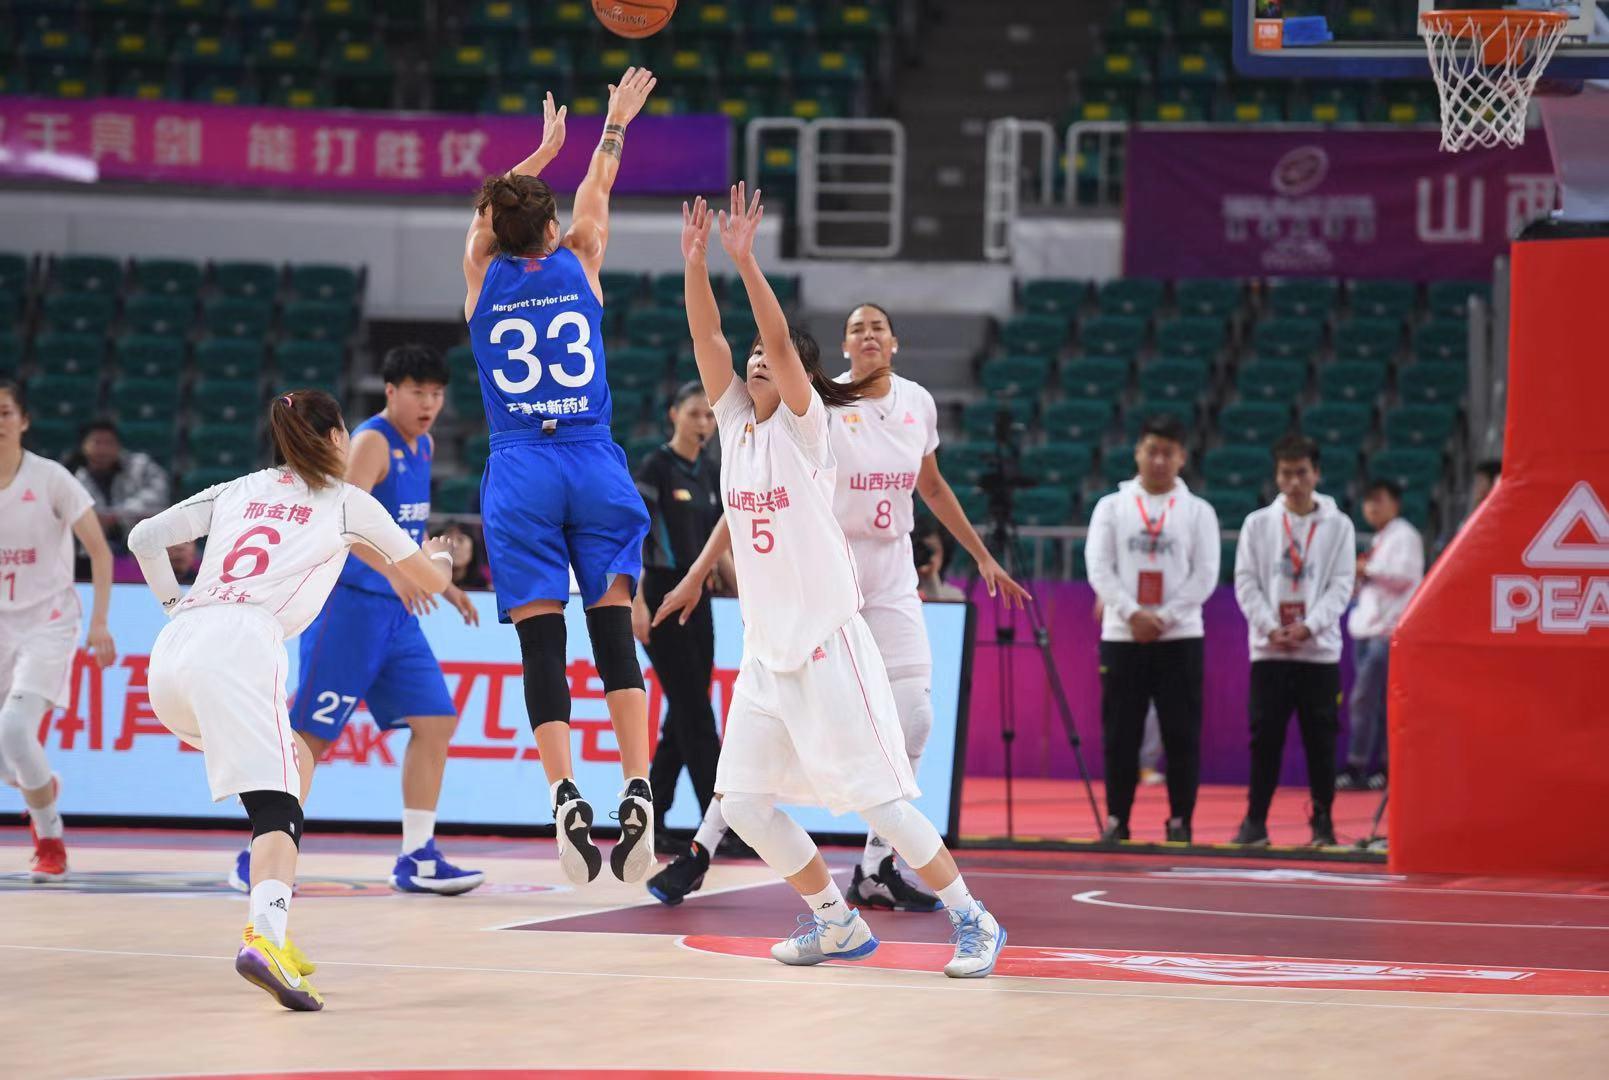 重返巔峰無捷徑可走 本土球員需擔起責任——對話山西女籃主教練加西亞